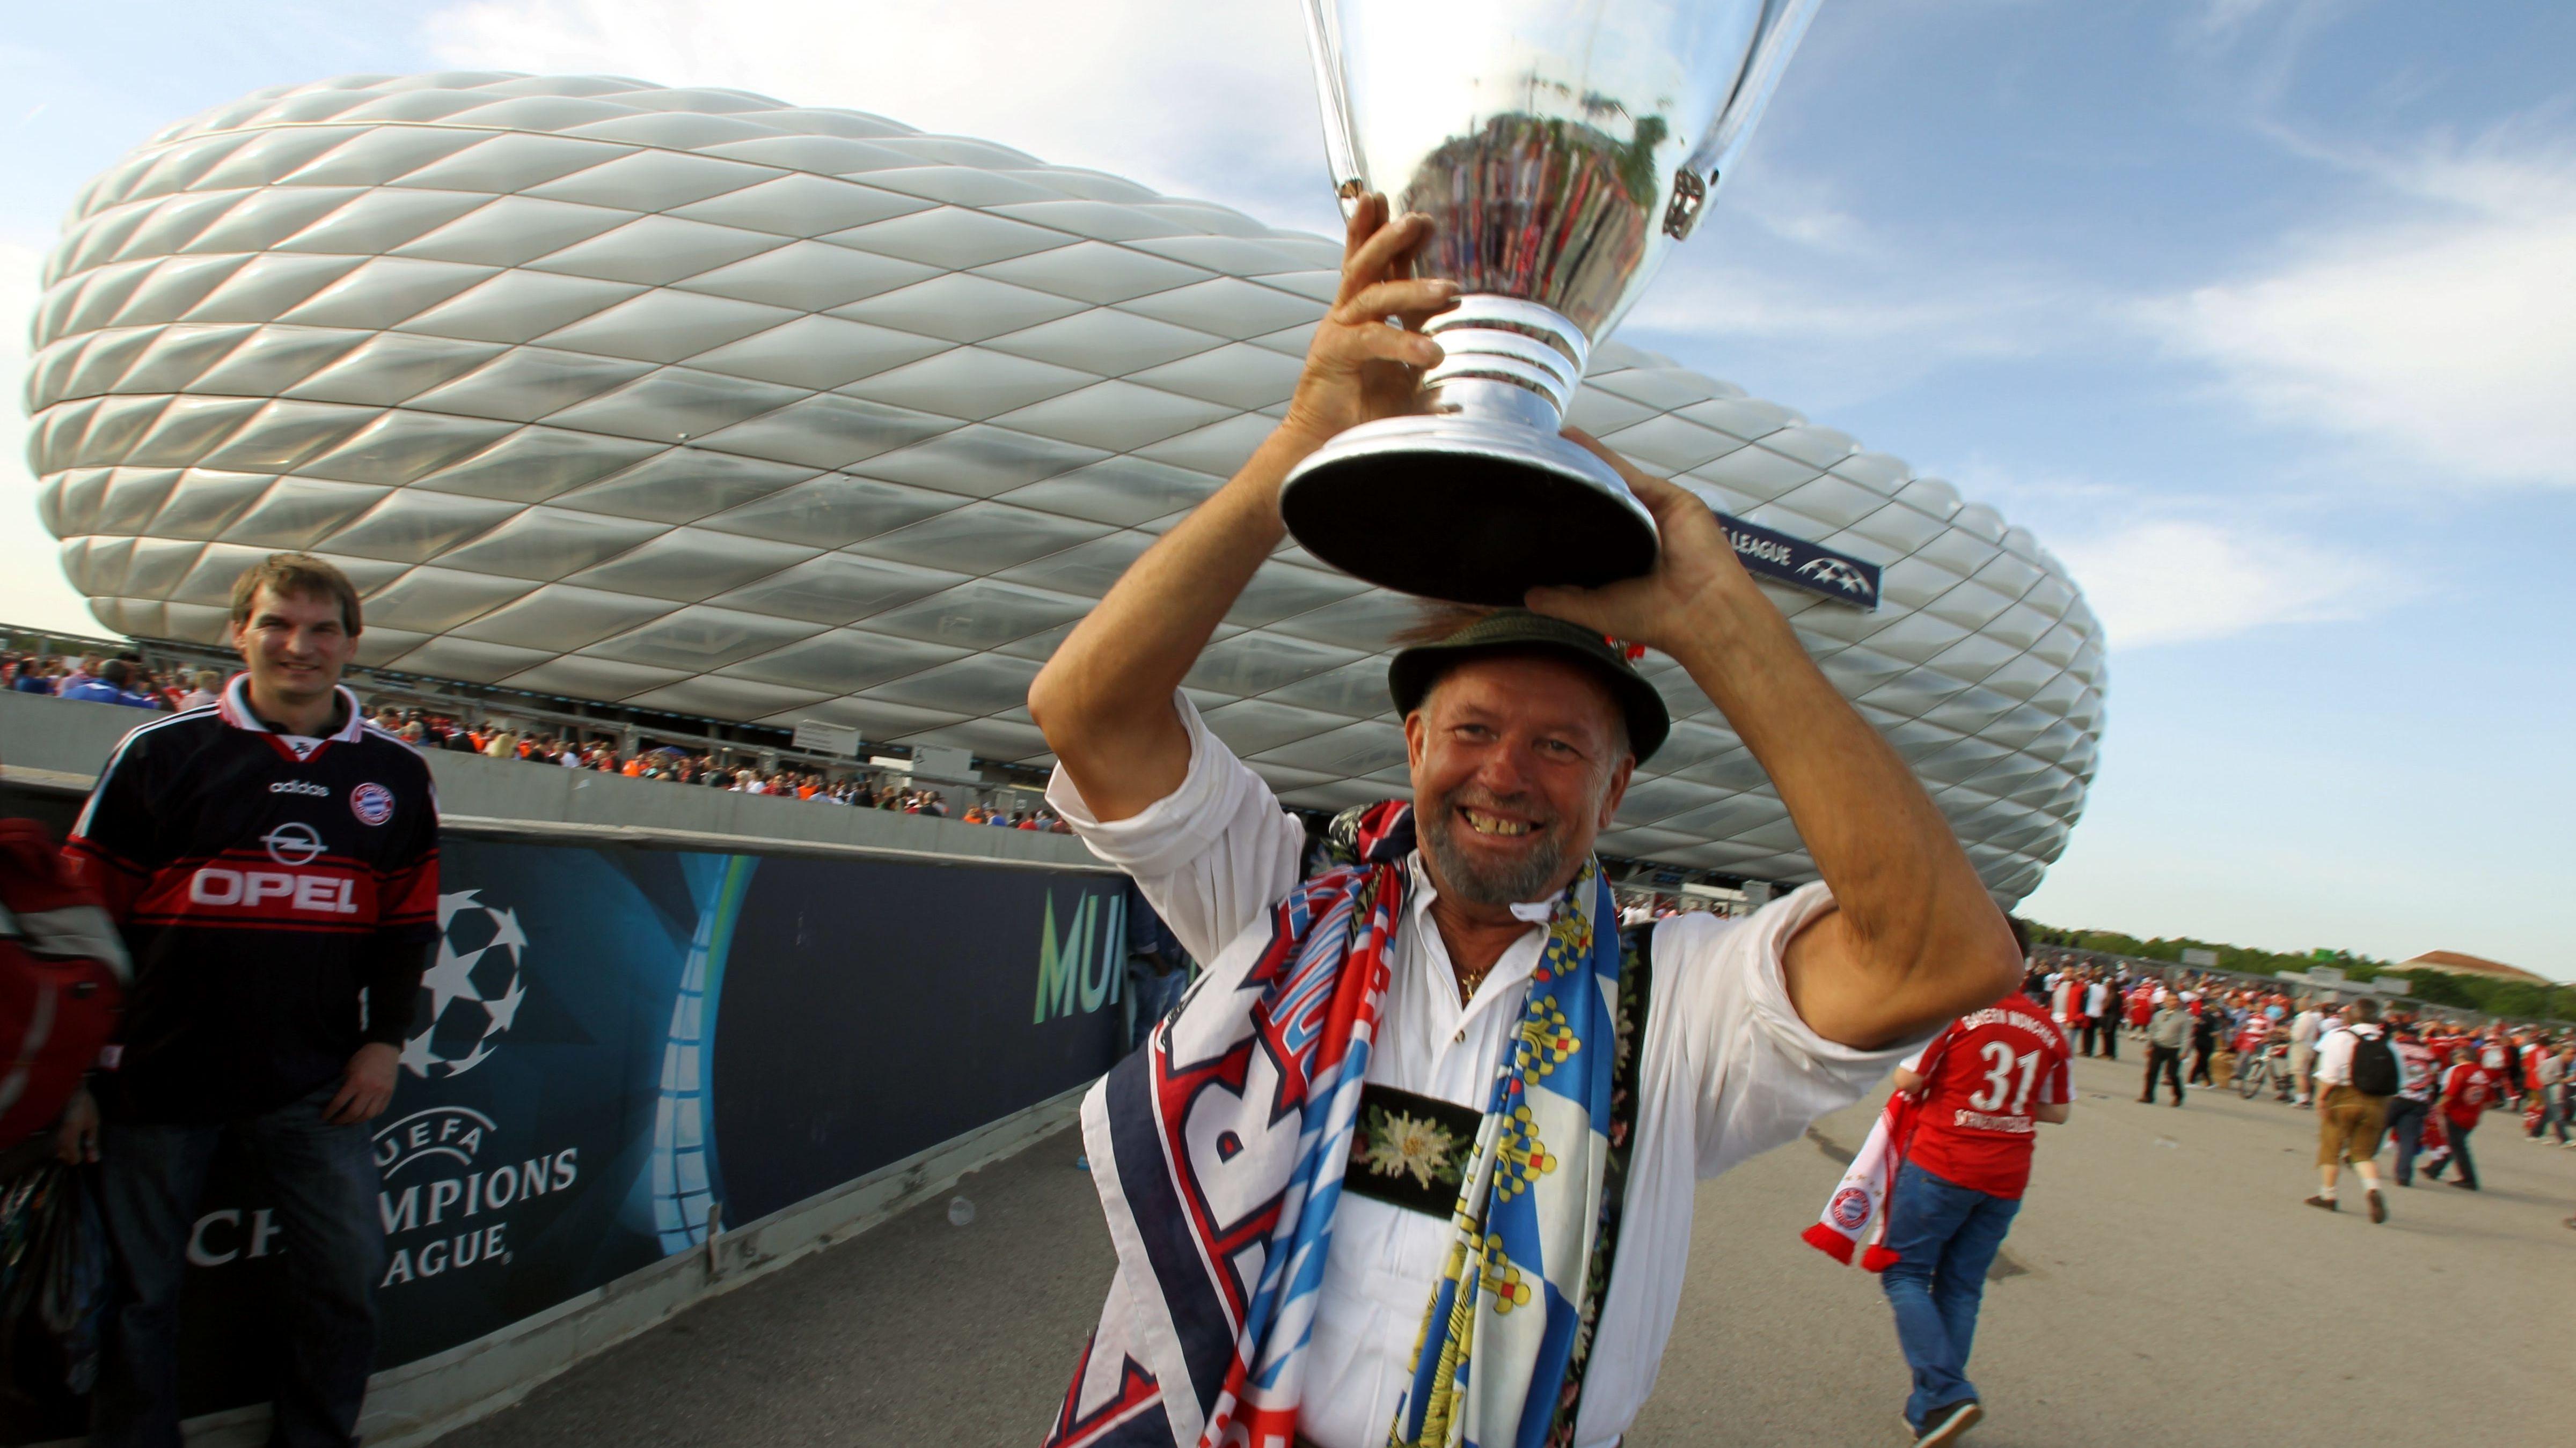 Fußballfan mit Champions-League-Pokal vor dem Finale 2012 in München